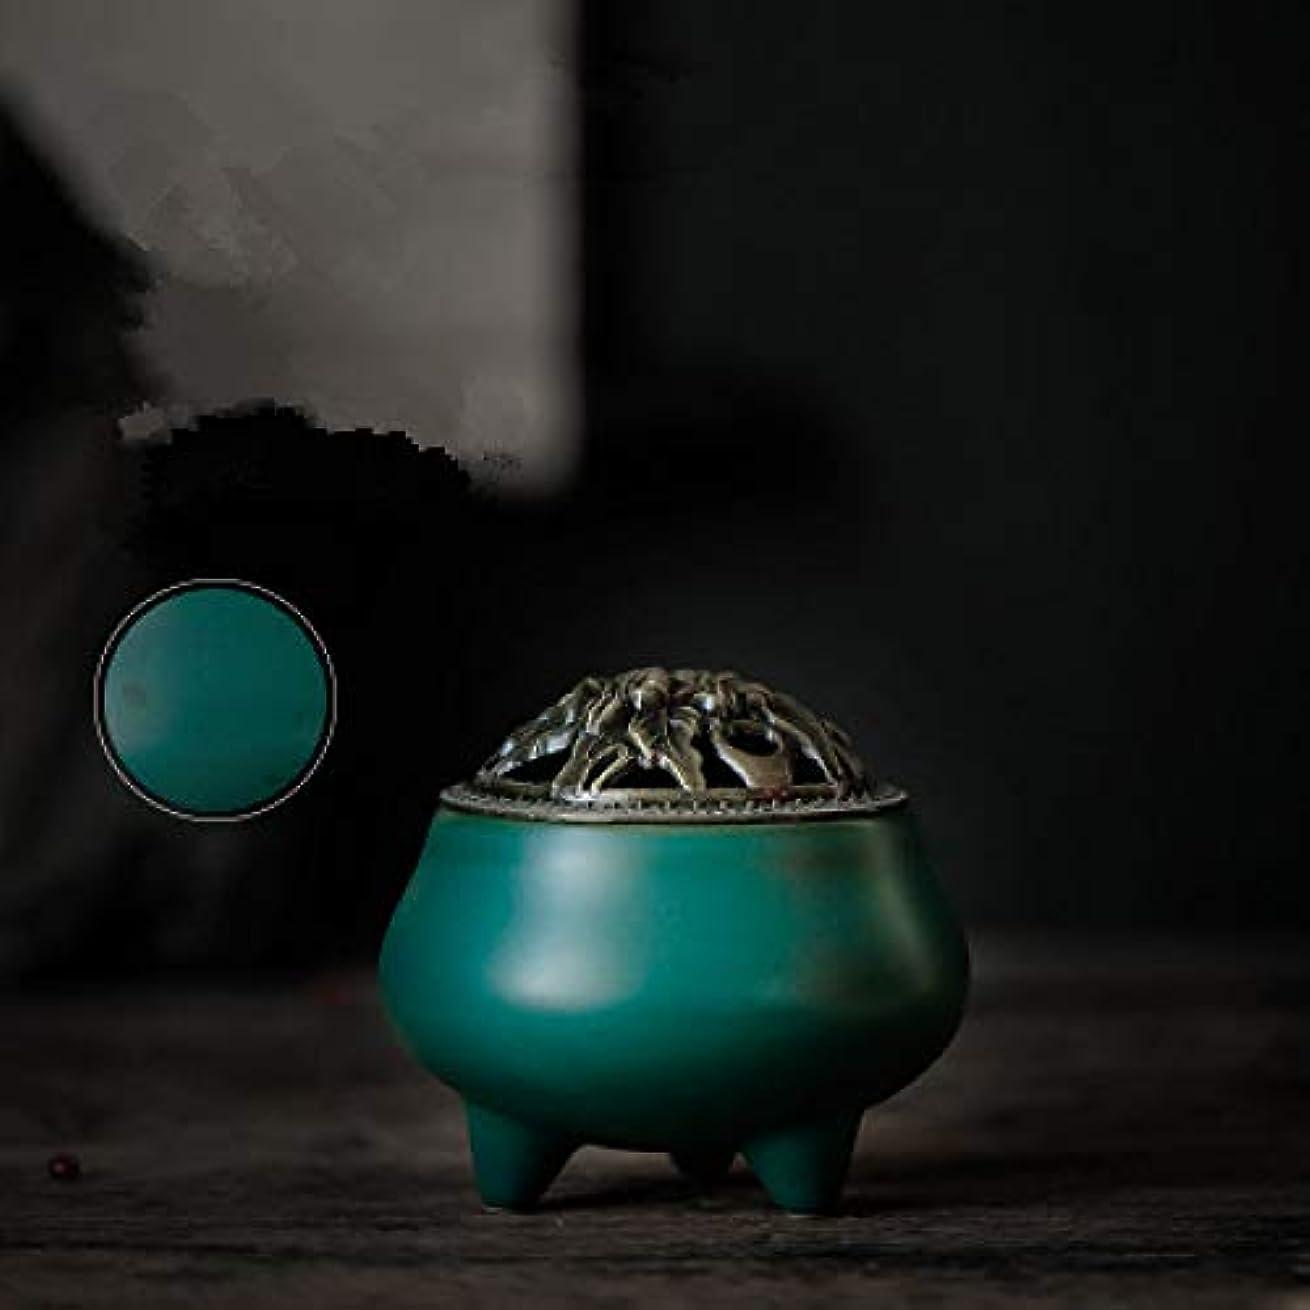 よろめく選択する報酬のレトロスタイルの滝香炉逆流香炉バーナーポットチベット金翔仏教10 * 9センチ